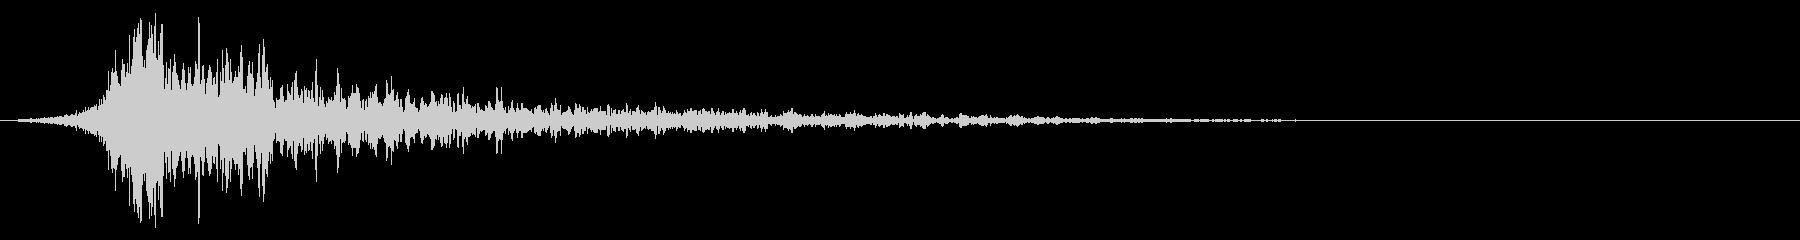 シュードーン-27-2 (インパクト音)の未再生の波形